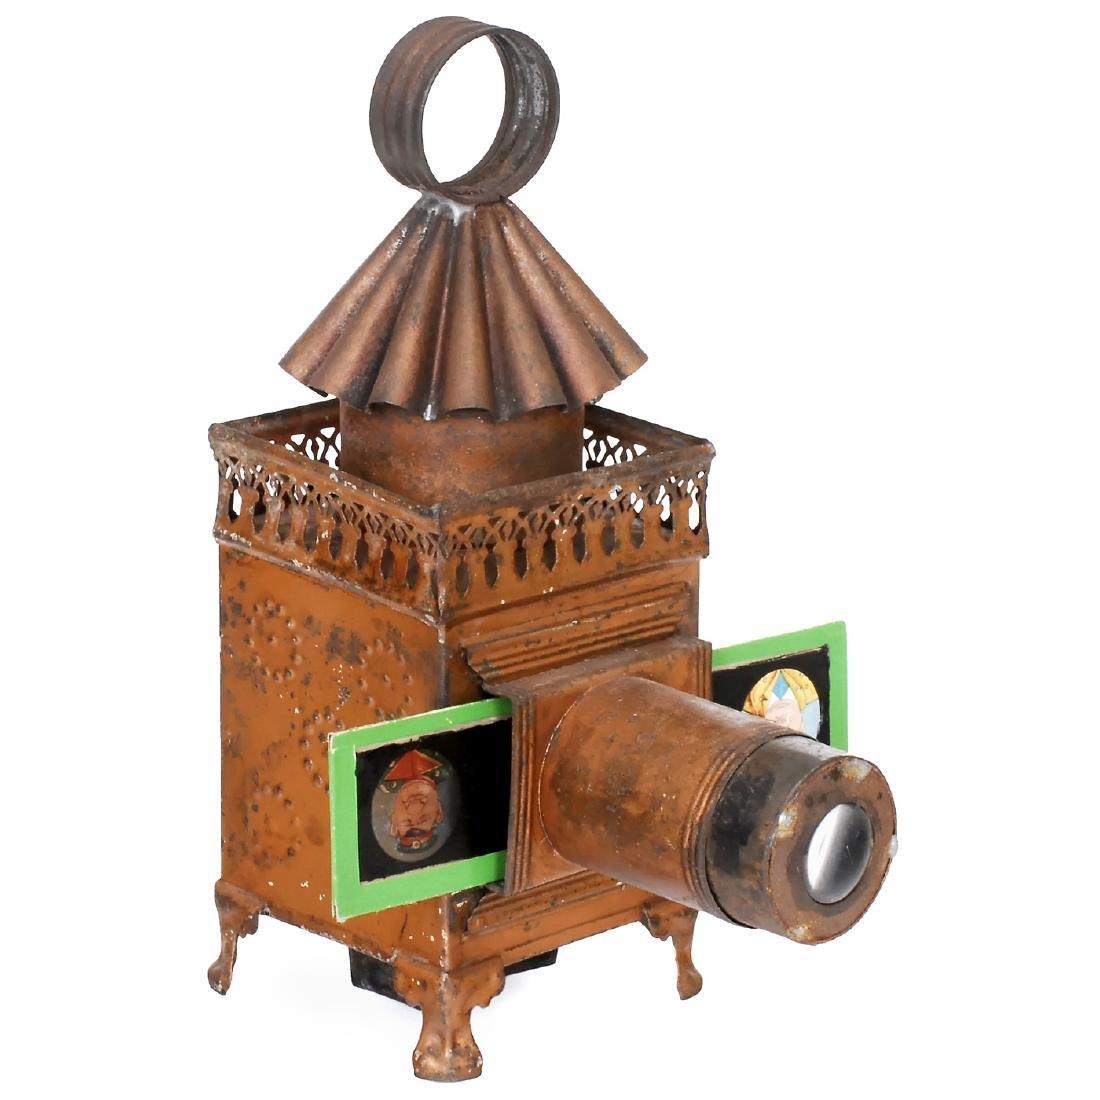 Carrée Magic Lantern by Lapierre, c. 1865-70